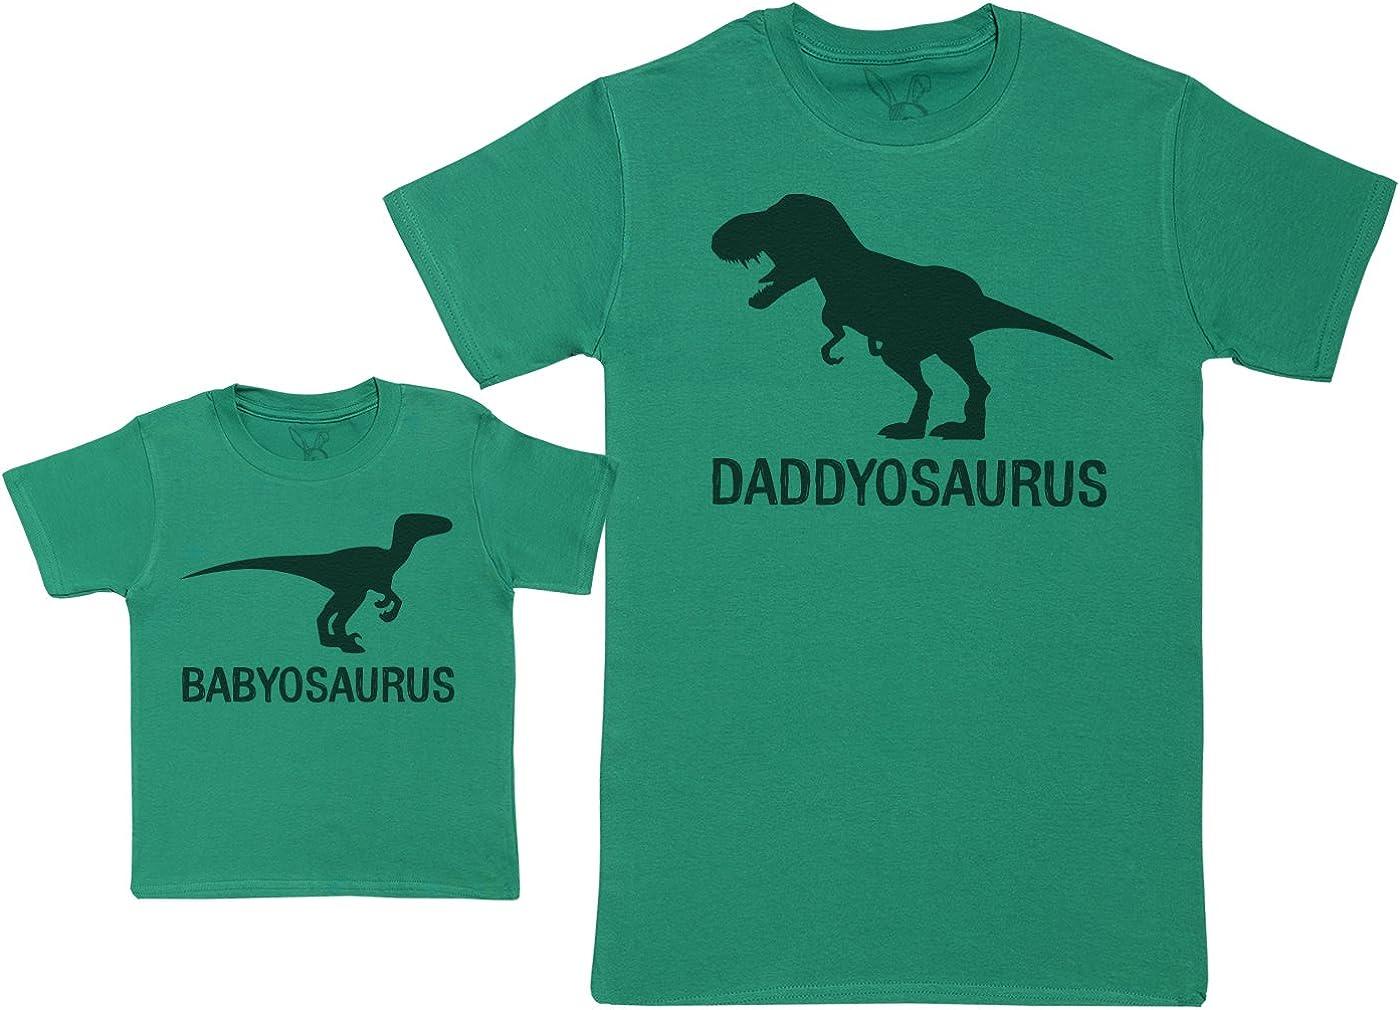 Babyosaurus with Daddyosaurus - Regalo para Padres y bebés en un Camiseta para bebés y una Camiseta de Hombre a Juego